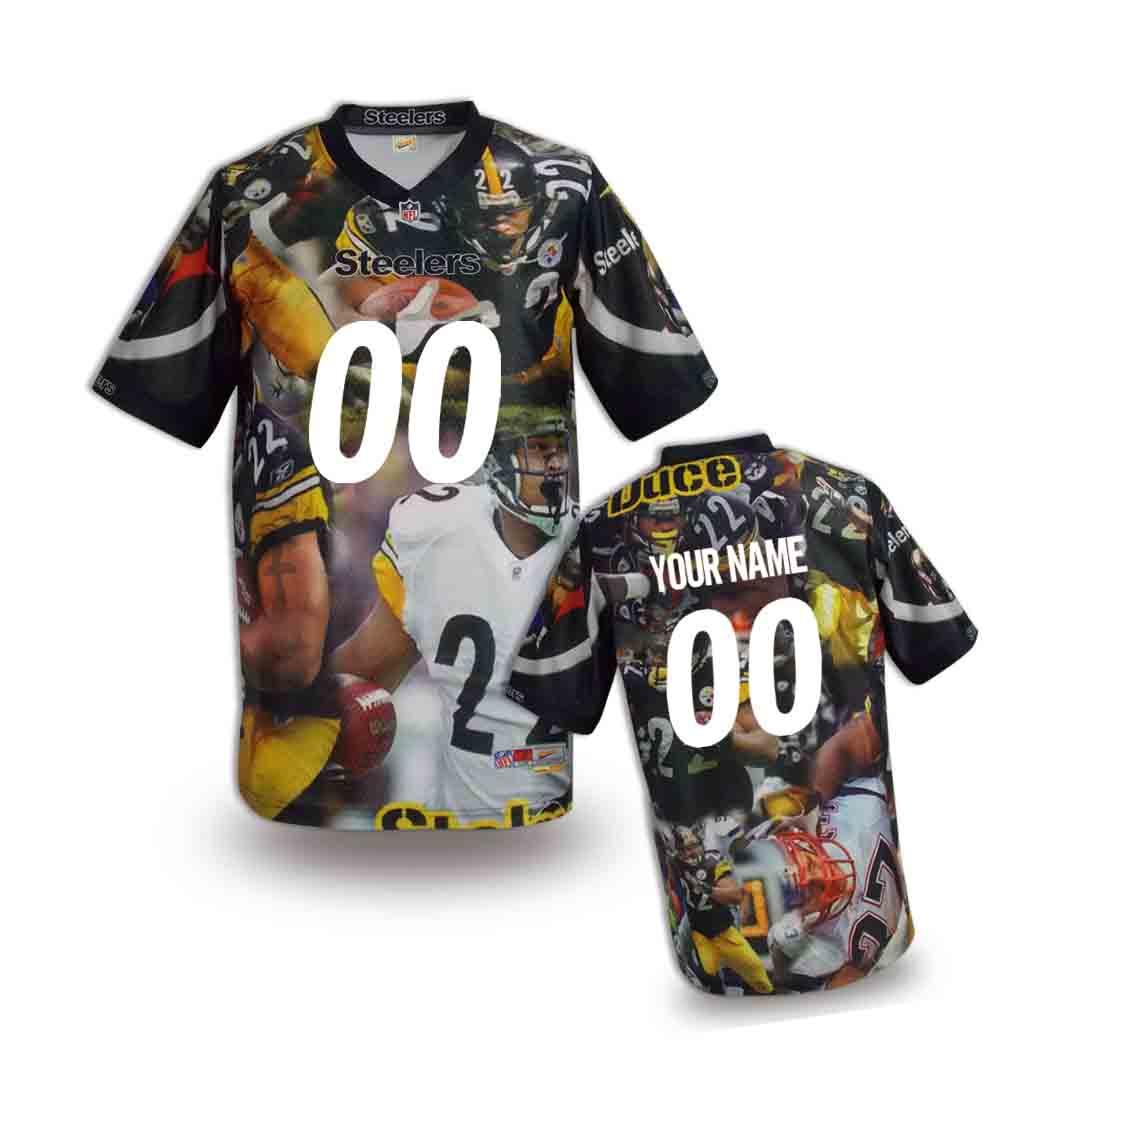 Nike Steelers Customized Fashion Stitched Youth Jerseys07